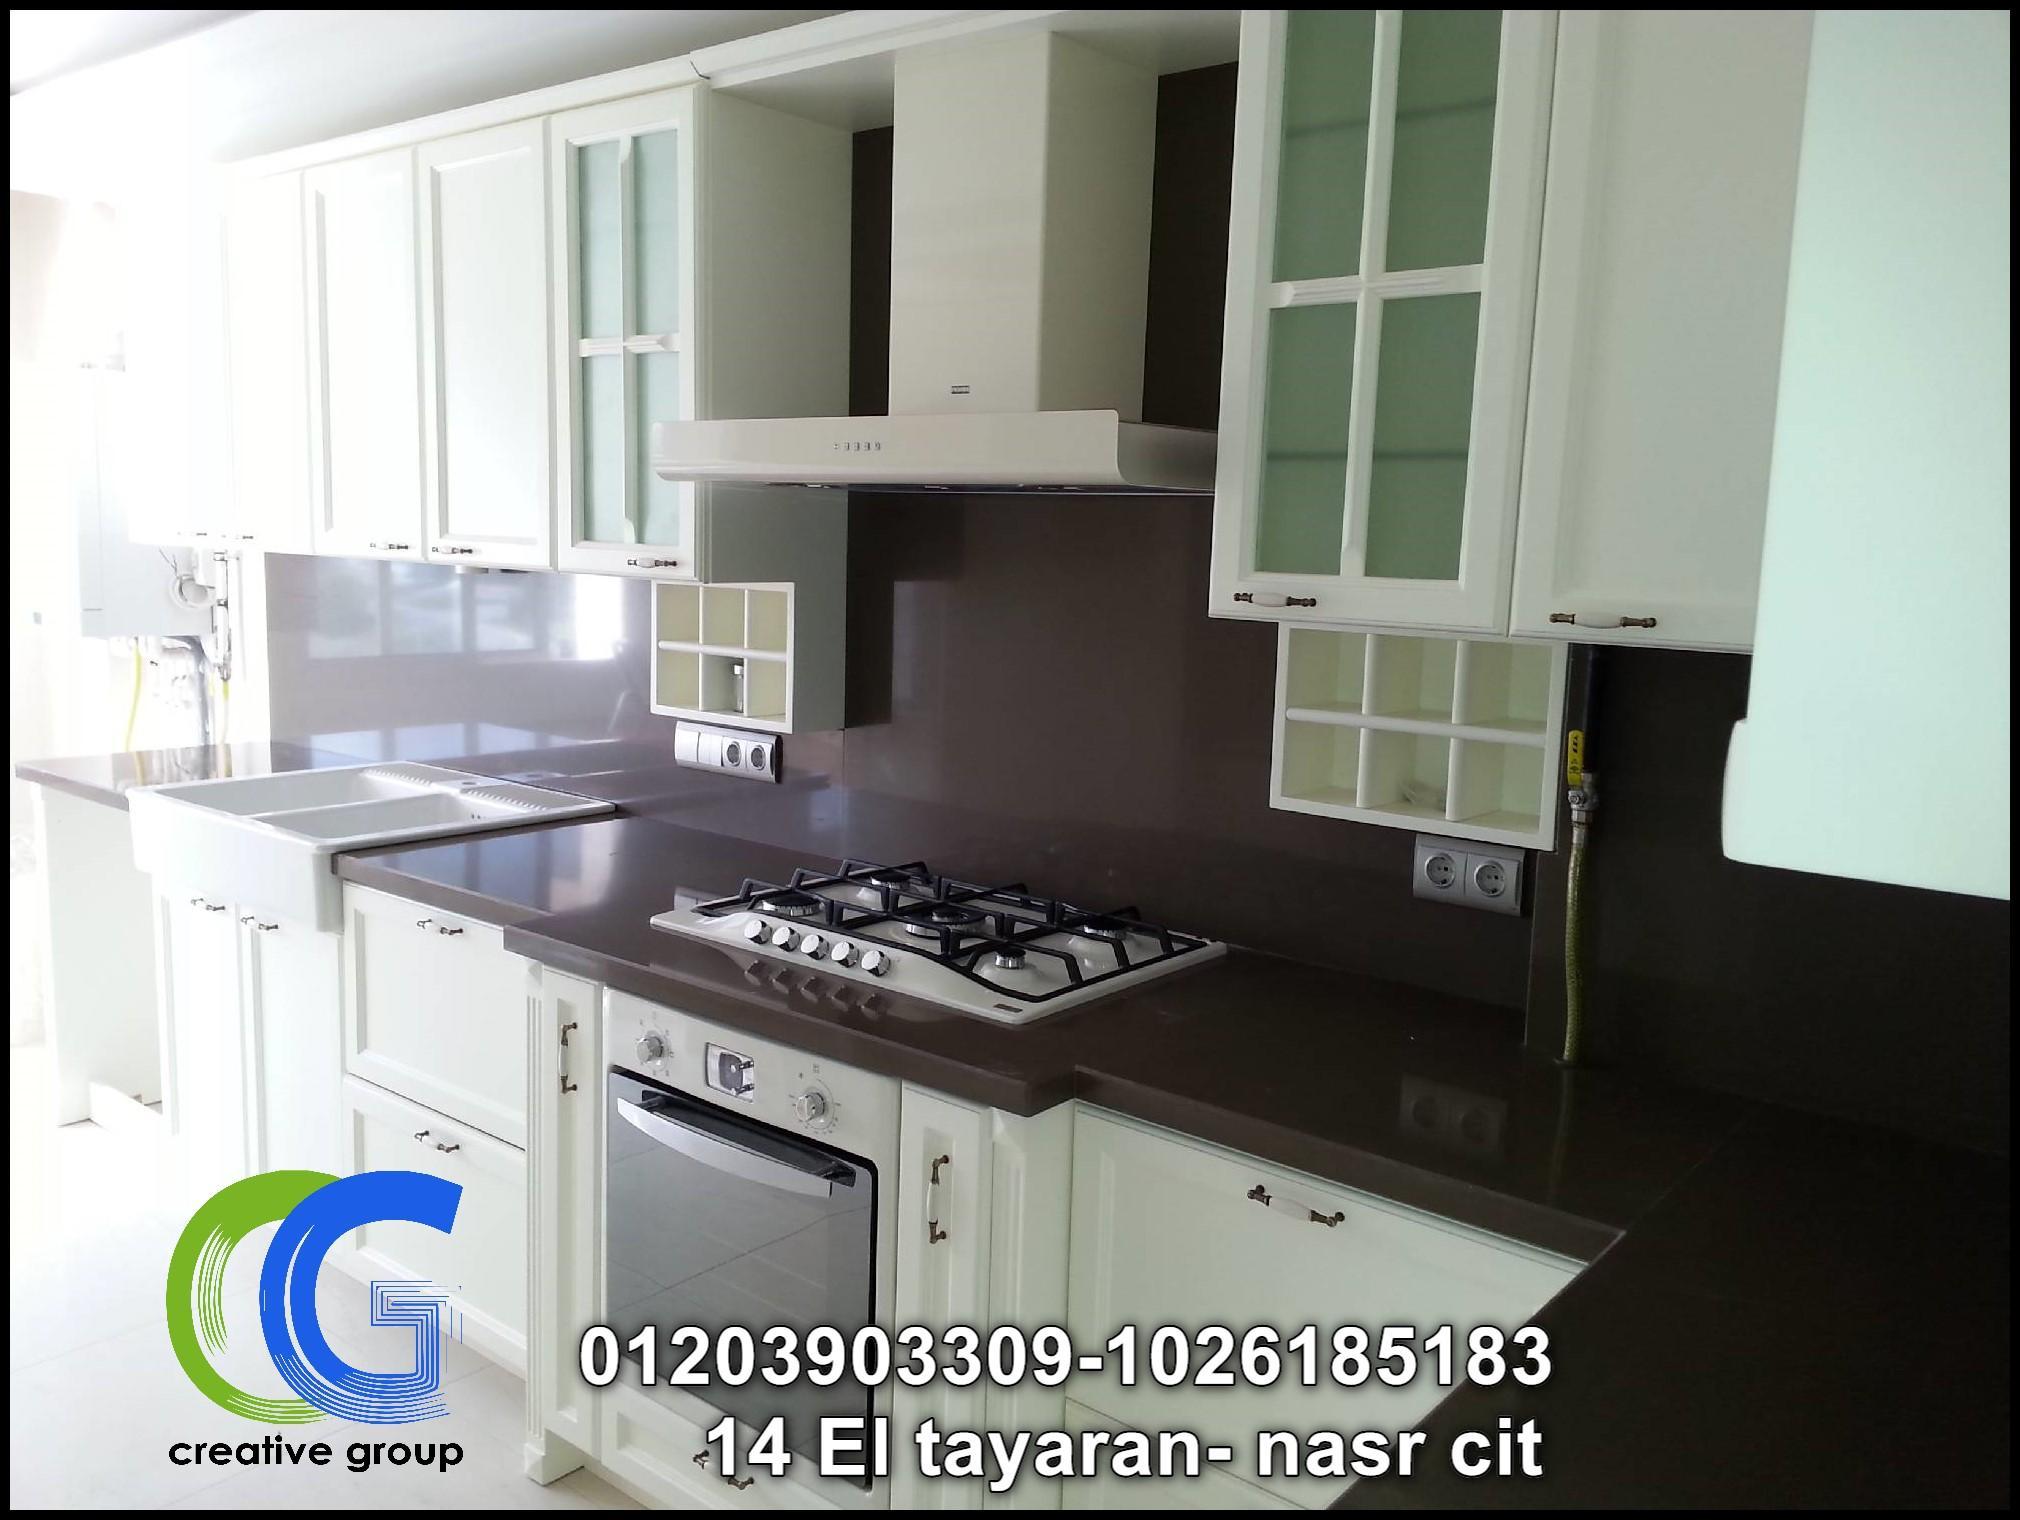 تصميم مطبخ – كرياتف جروب   ( للاتصال  01026185183)   441120232